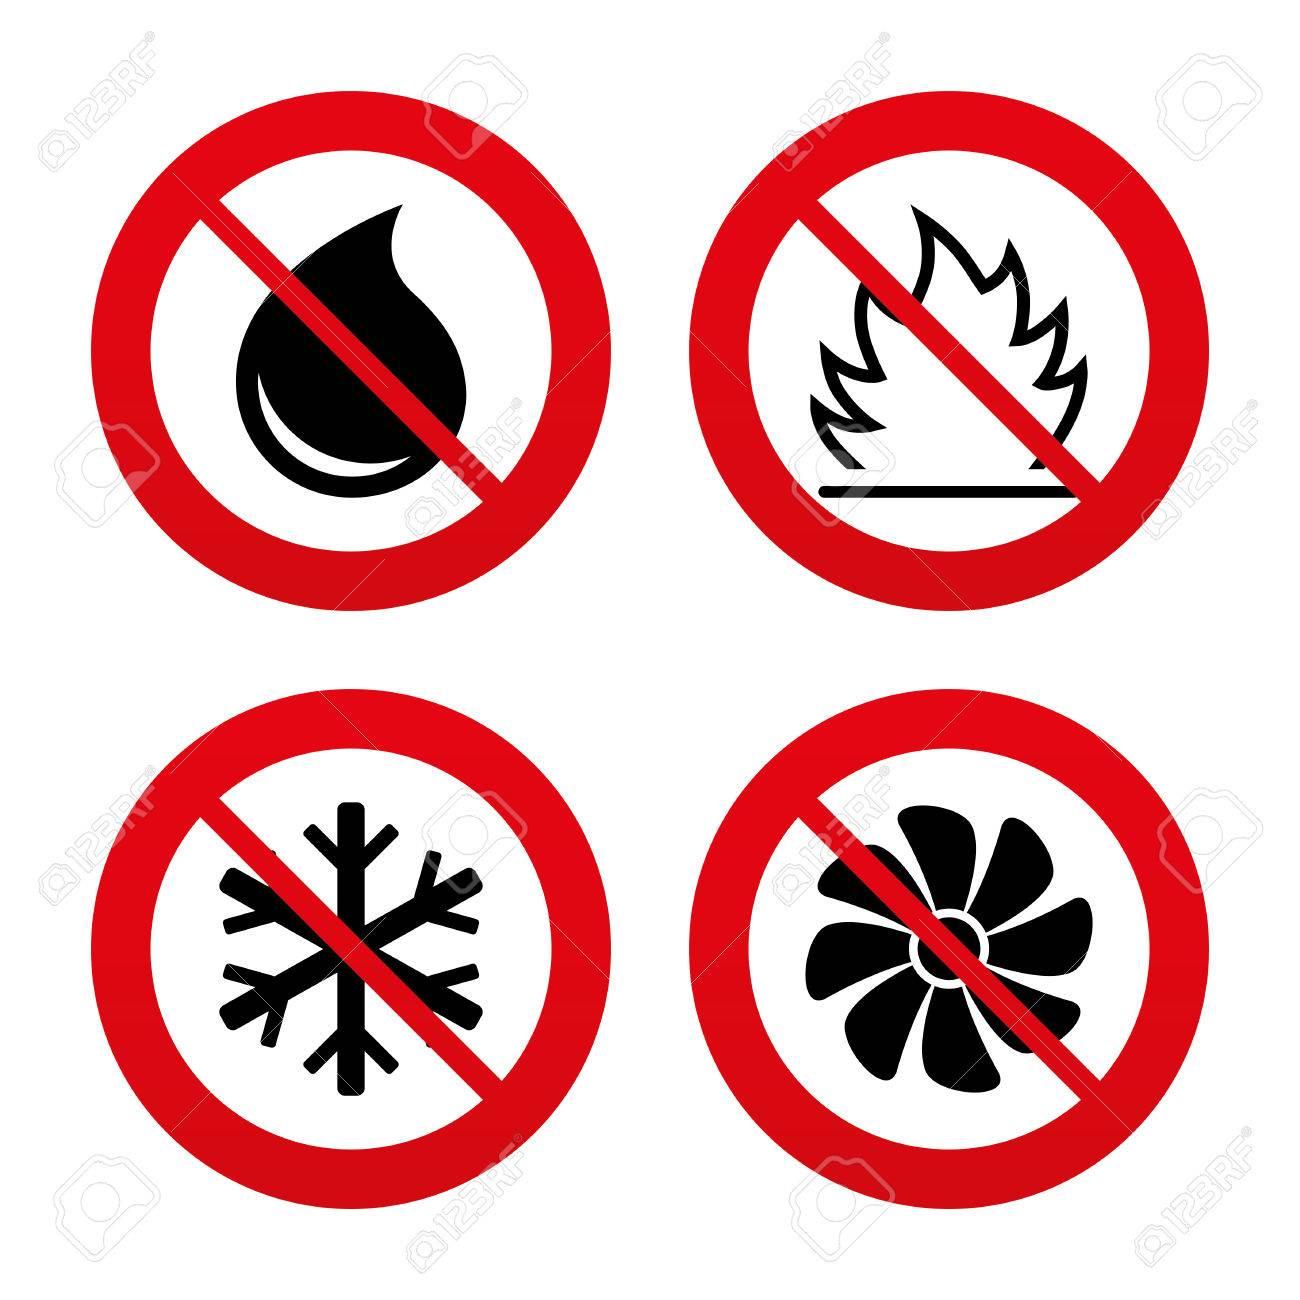 Nein, Ban Oder Stoppschilder. HVAC-Icons. Heizungs-, Lüftungs- Und ...